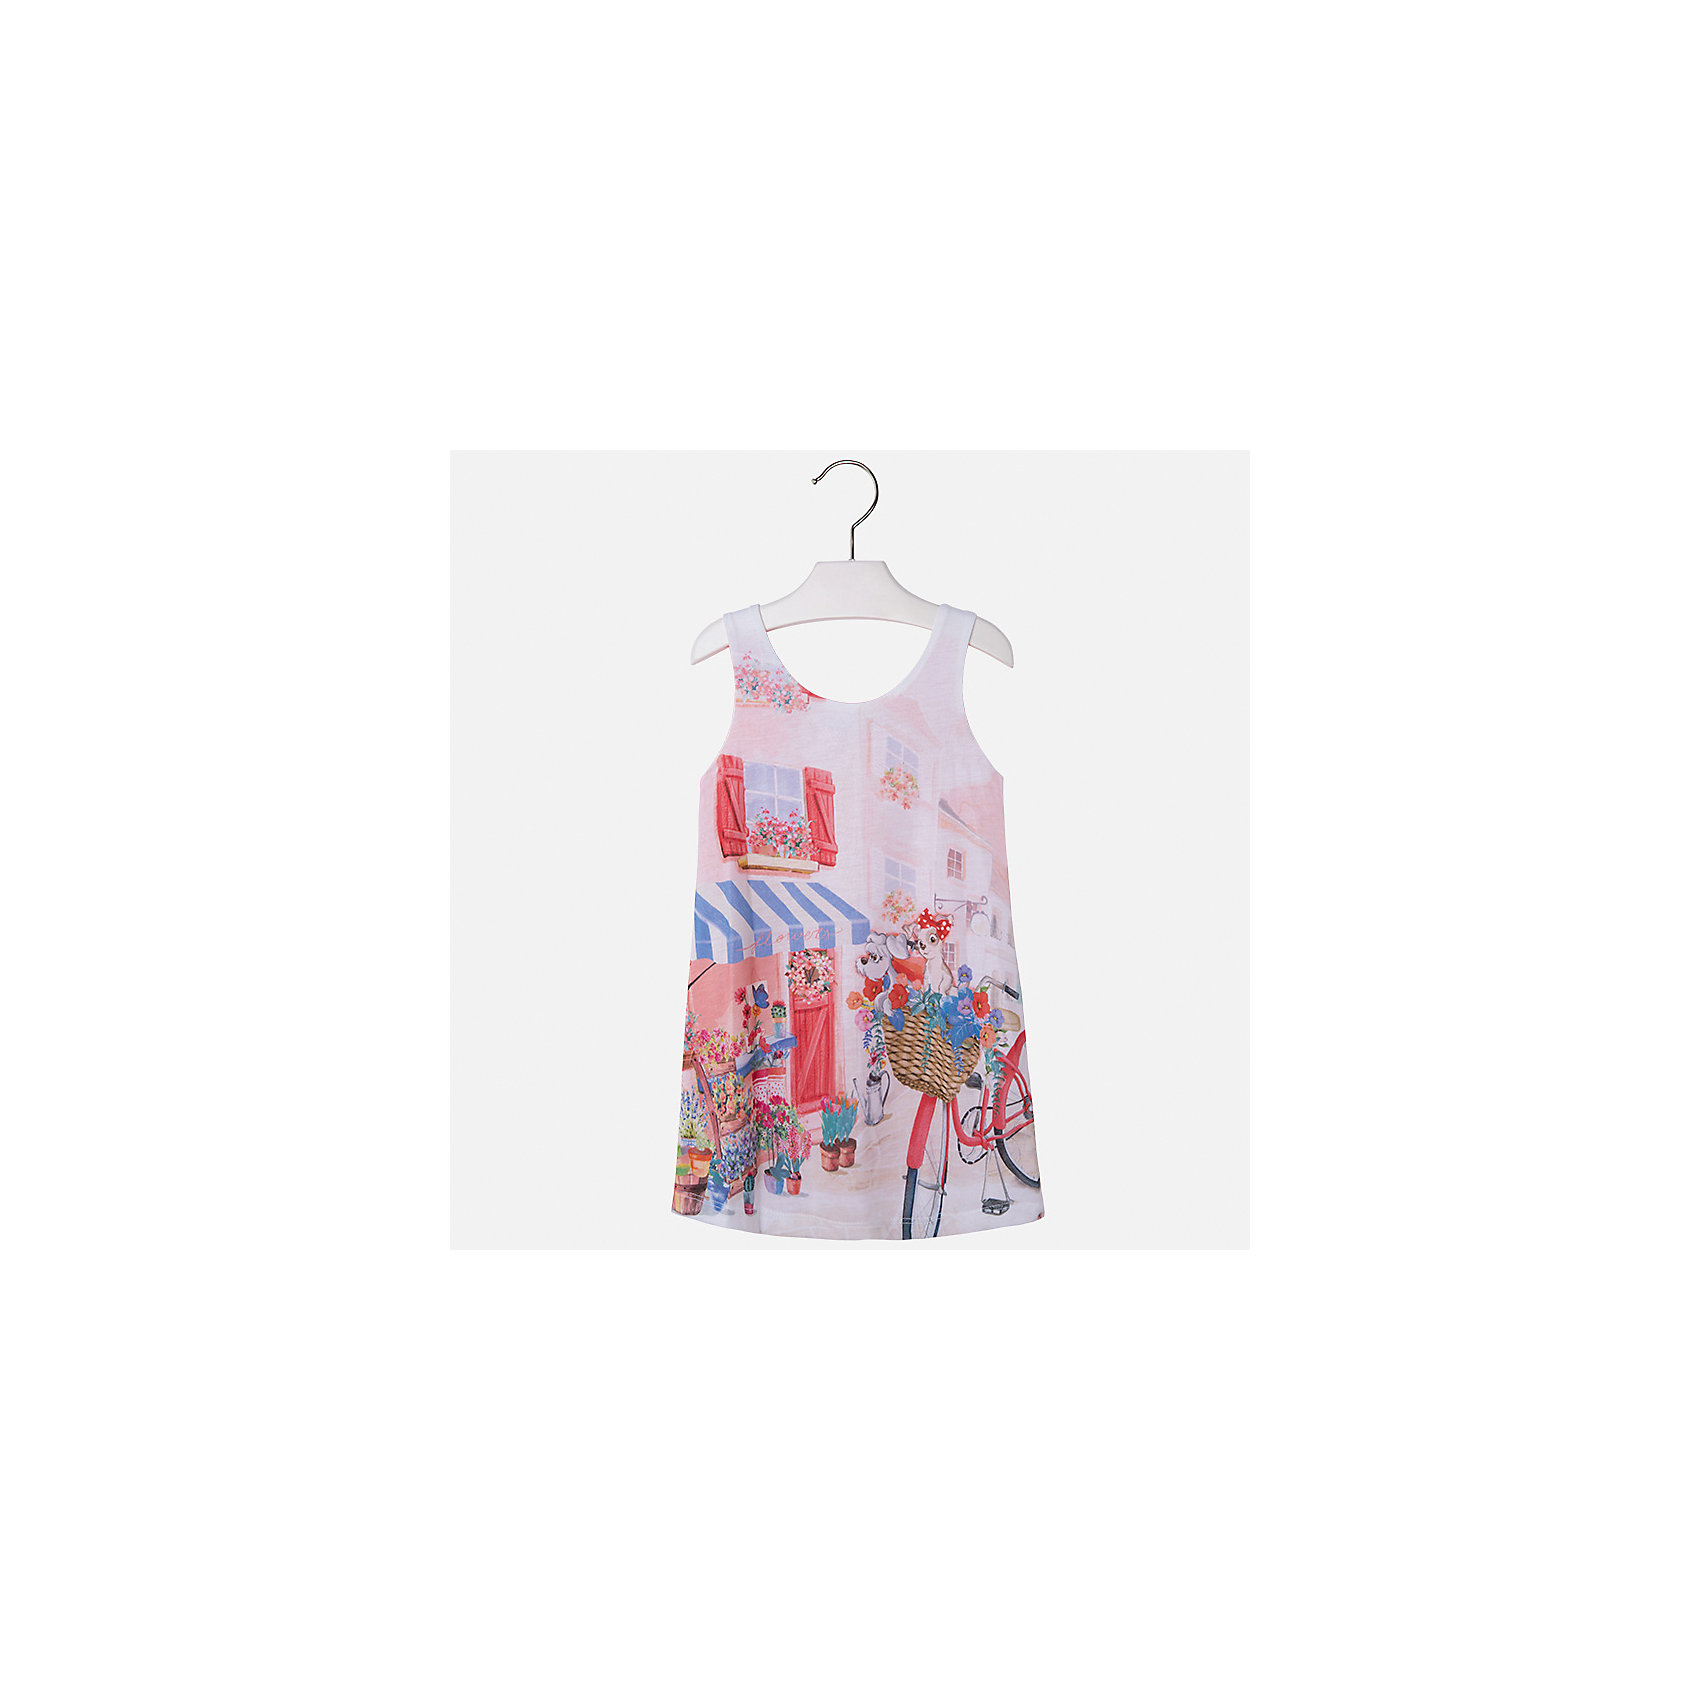 Платье для девочки MayoralЛетние платья и сарафаны<br>Характеристики товара:<br><br>• цвет: мультиколор<br>• состав: 92% хлопок, 8% эластан, подкладка - 100% полиэстер<br>• без застежки<br>• принт<br>• без рукавов<br>• с подкладкой<br>• страна бренда: Испания<br><br>Модное красивое платье для девочки поможет разнообразить гардероб ребенка и создать эффектный наряд. Оно отлично подойдет для различных случаев. Красивый оттенок позволяет подобрать к вещи обувь разных расцветок. Платье хорошо сидит по фигуре. . В составе материала - натуральный хлопок, гипоаллергенный, приятный на ощупь, дышащий.<br><br>Одежда, обувь и аксессуары от испанского бренда Mayoral полюбились детям и взрослым по всему миру. Модели этой марки - стильные и удобные. Для их производства используются только безопасные, качественные материалы и фурнитура. Порадуйте ребенка модными и красивыми вещами от Mayoral! <br><br>Платье для девочки от испанского бренда Mayoral (Майорал) можно купить в нашем интернет-магазине.<br><br>Ширина мм: 236<br>Глубина мм: 16<br>Высота мм: 184<br>Вес г: 177<br>Цвет: красный<br>Возраст от месяцев: 60<br>Возраст до месяцев: 72<br>Пол: Женский<br>Возраст: Детский<br>Размер: 116,110,122,128,104,134,98<br>SKU: 4071677